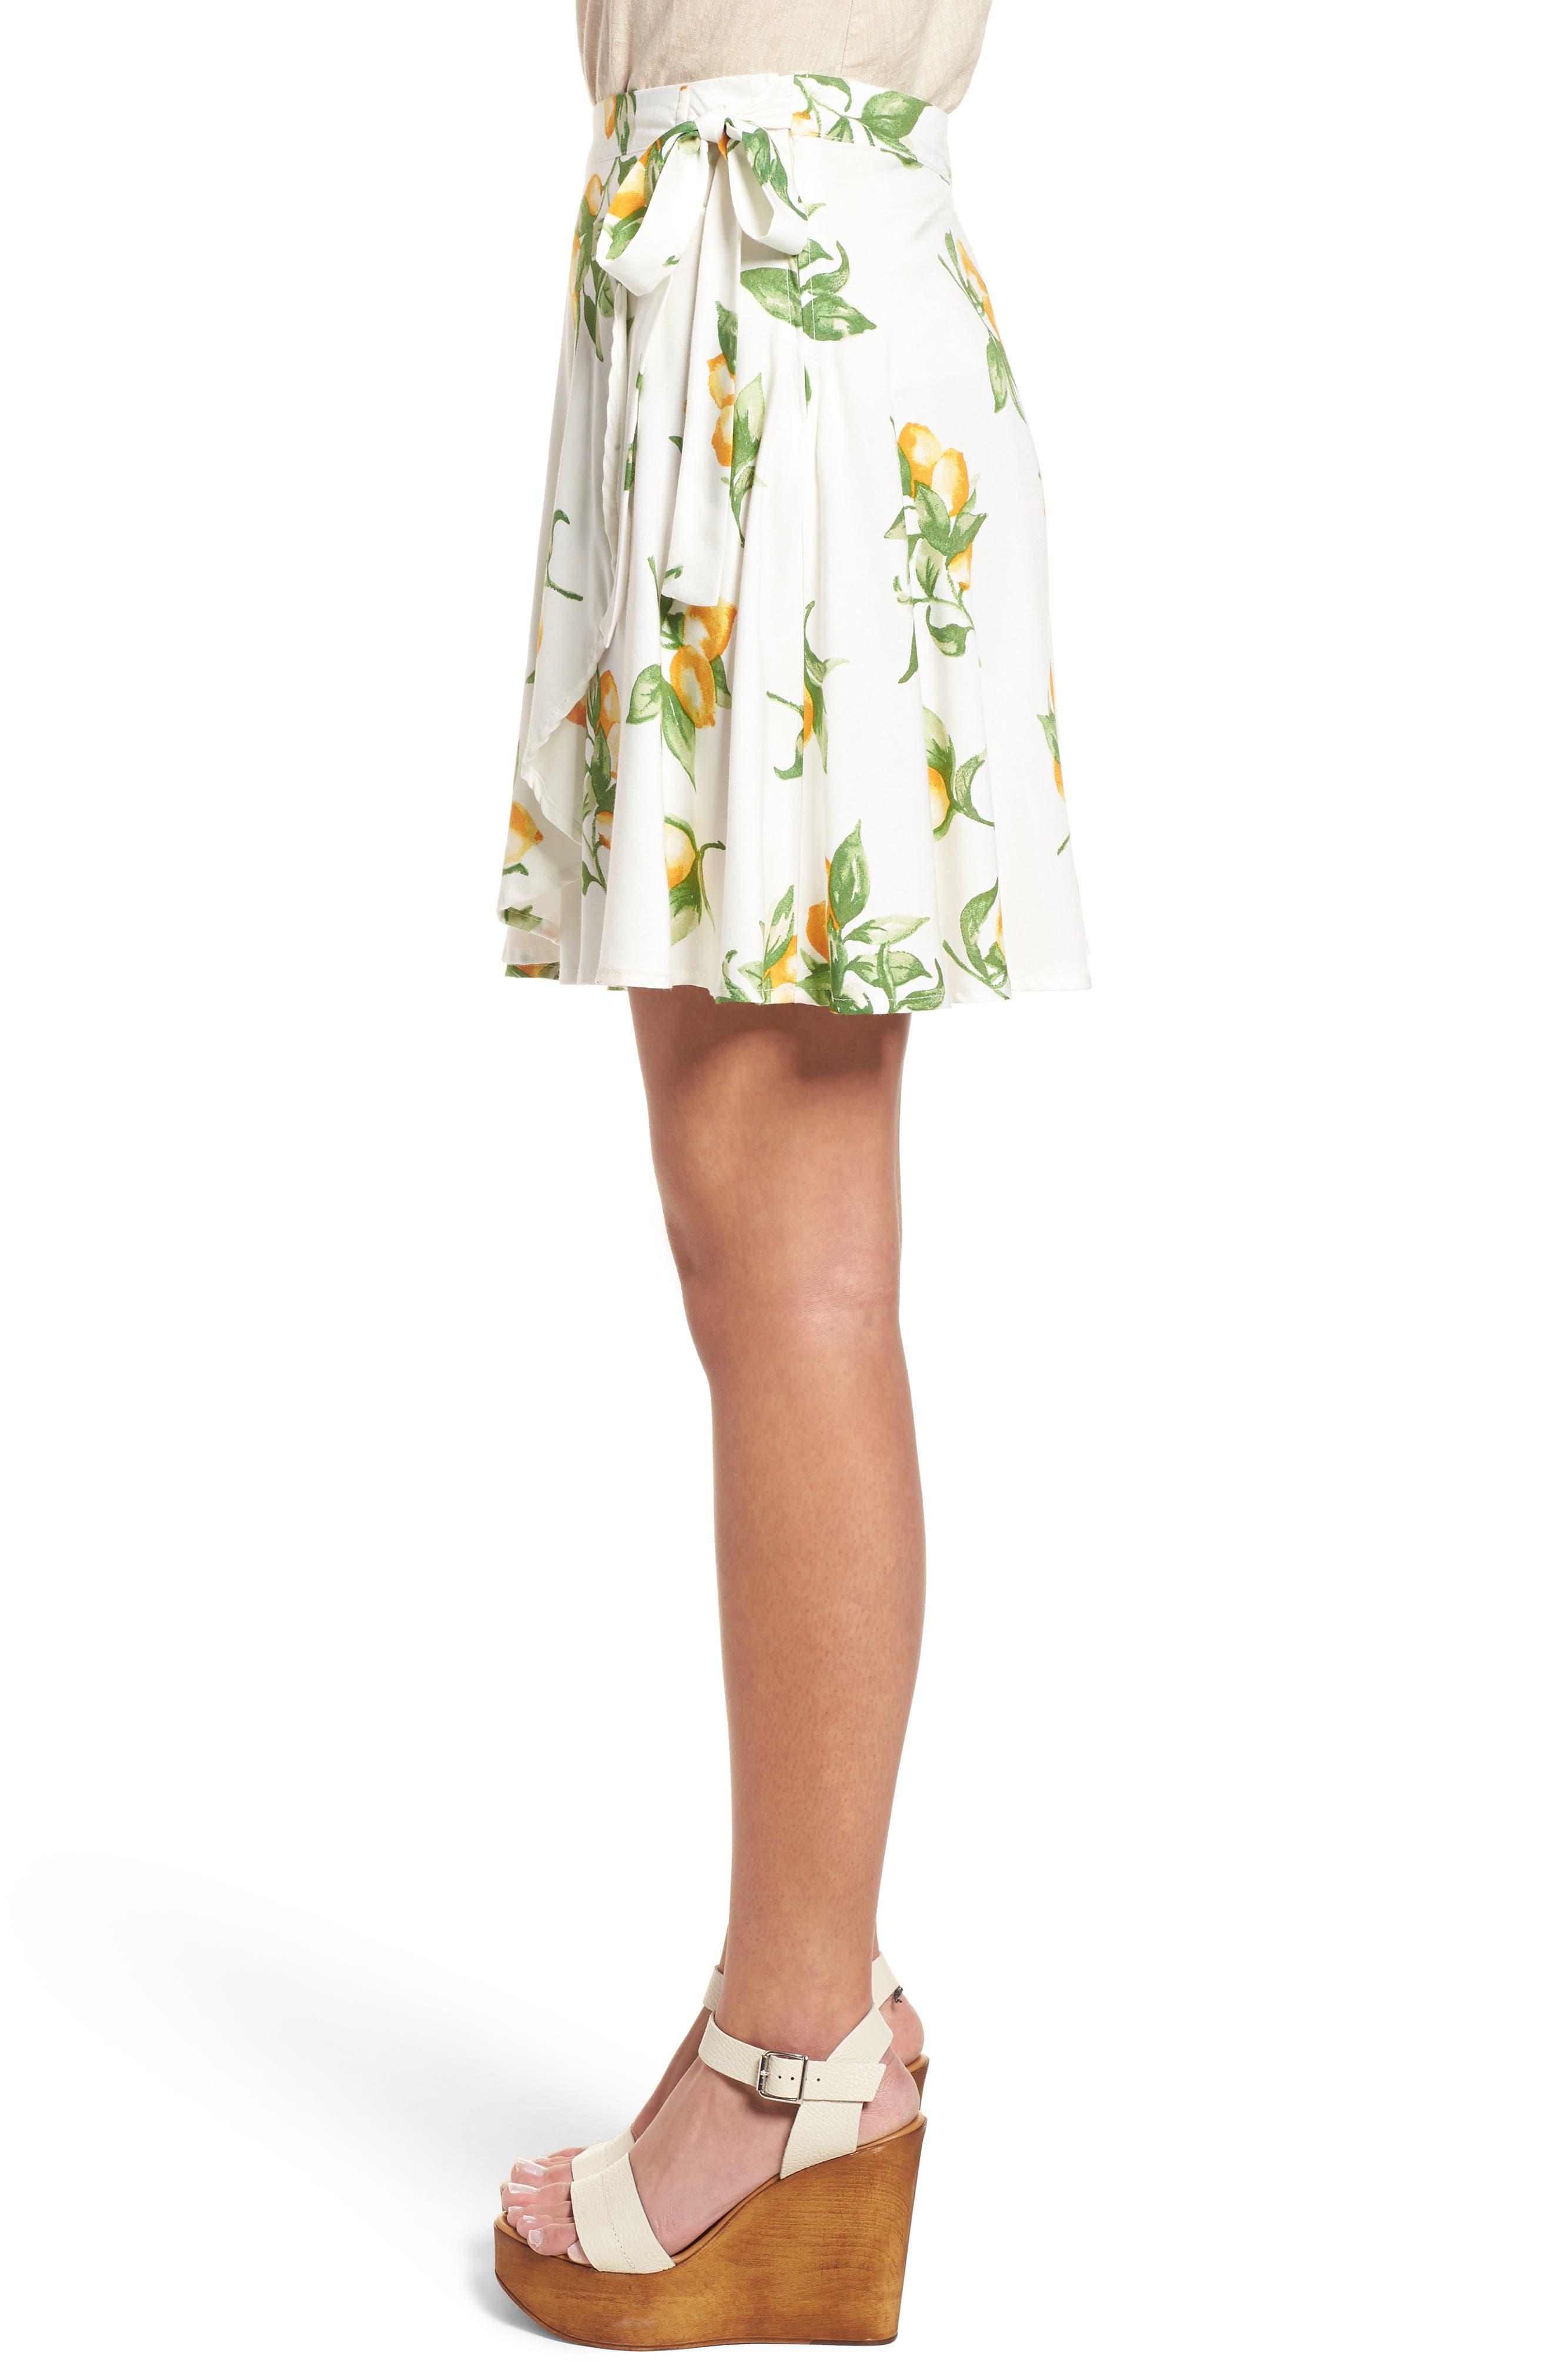 Fruit Print Side Tie Skirt,                             Alternate thumbnail 3, color,                             Ivory Lemon Print